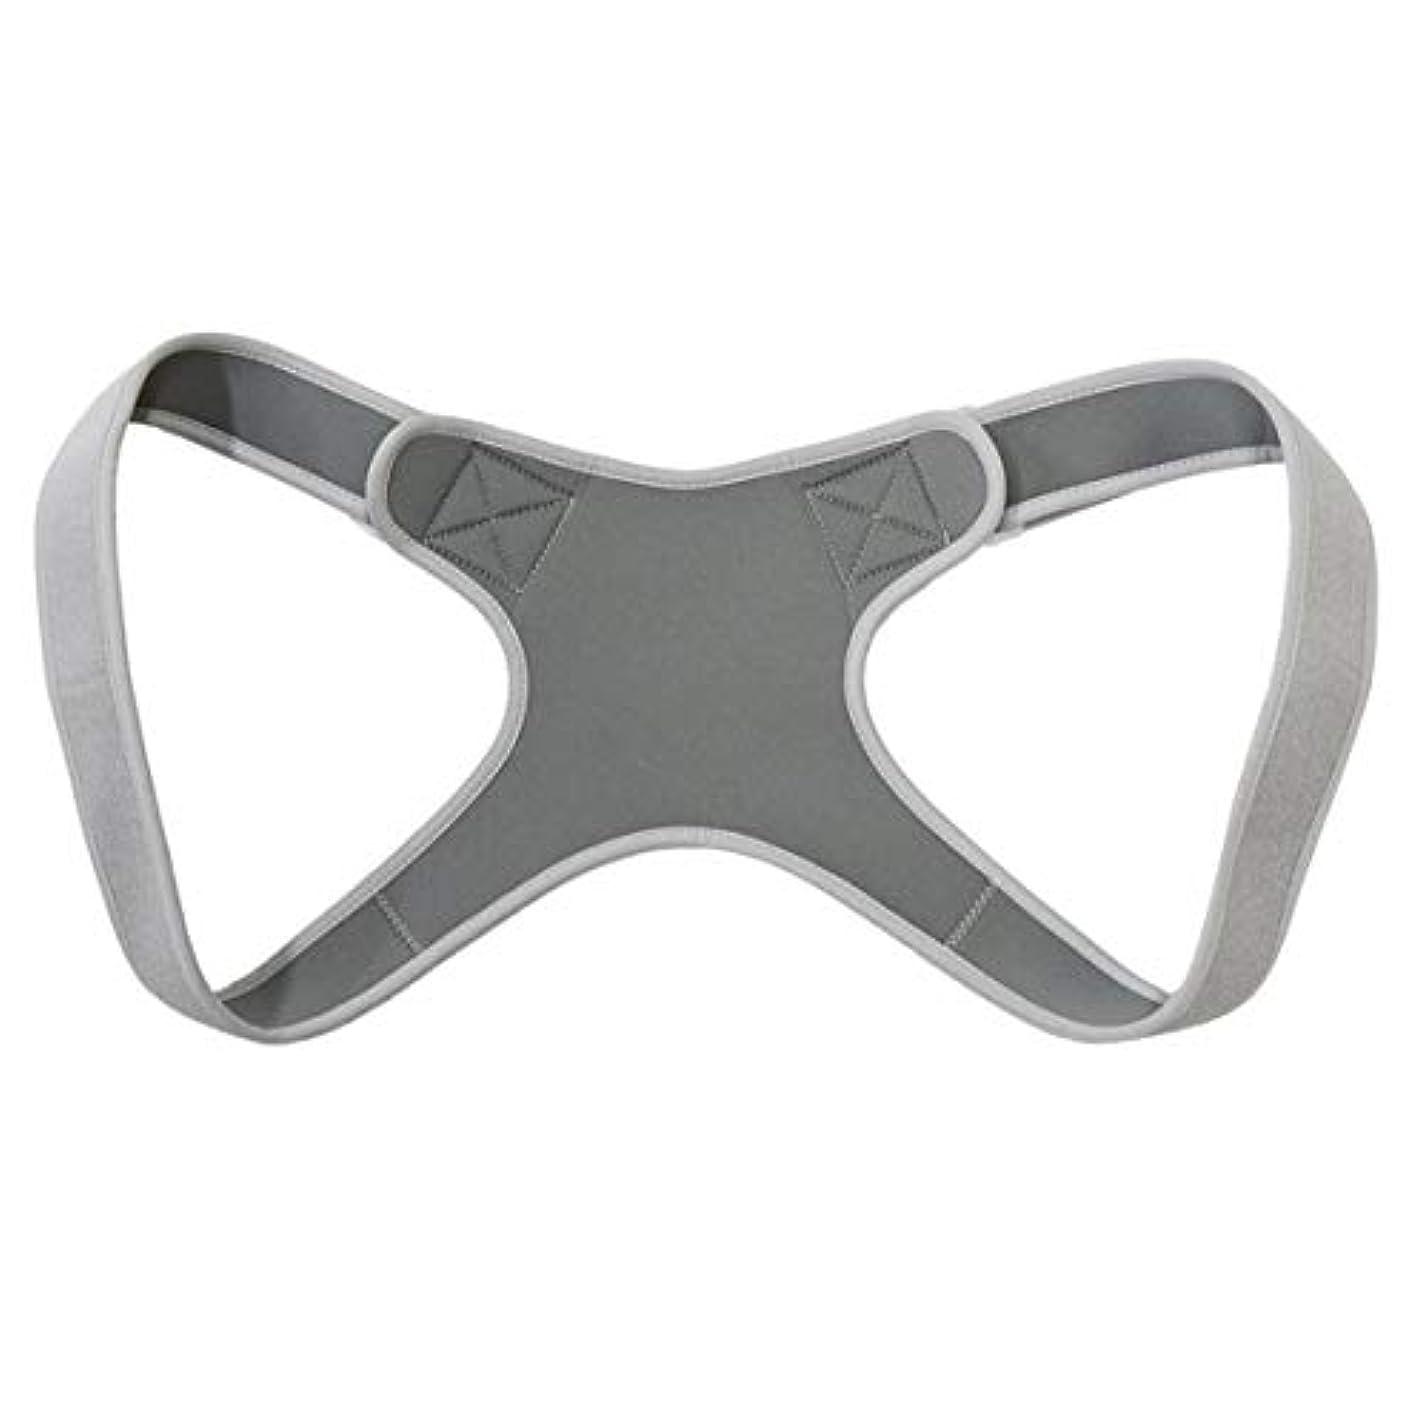 恥ずかしさお気に入り体現する新しいアッパーバックポスチャーコレクター姿勢鎖骨サポートコレクターバックストレートショルダーブレースストラップコレクター - グレー